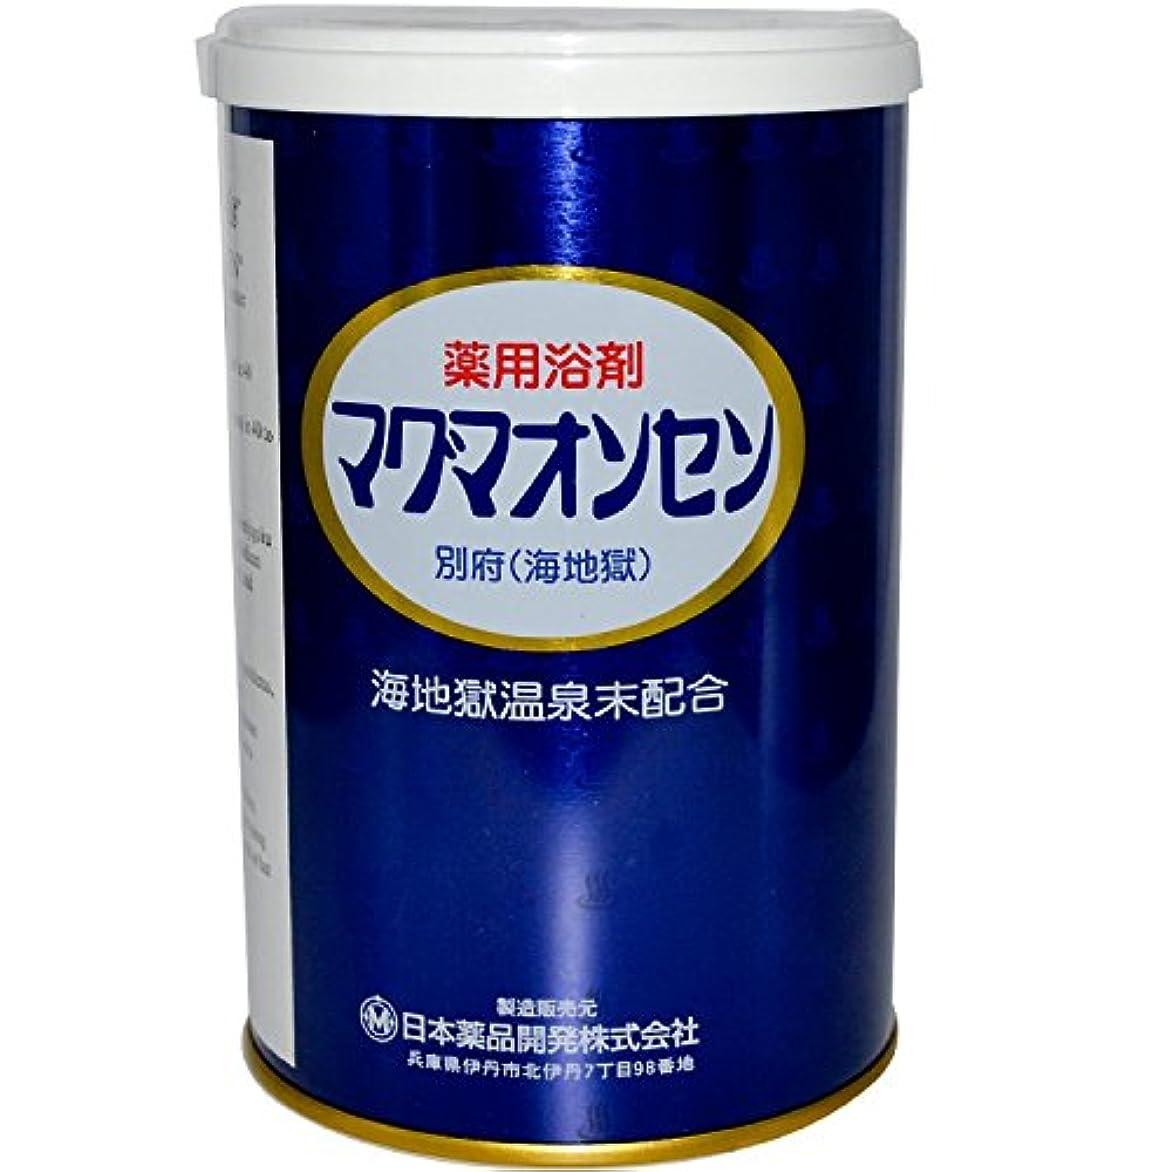 マイクロフォンミシン目チームマグマオンセン別府(海地獄) 500g三缶